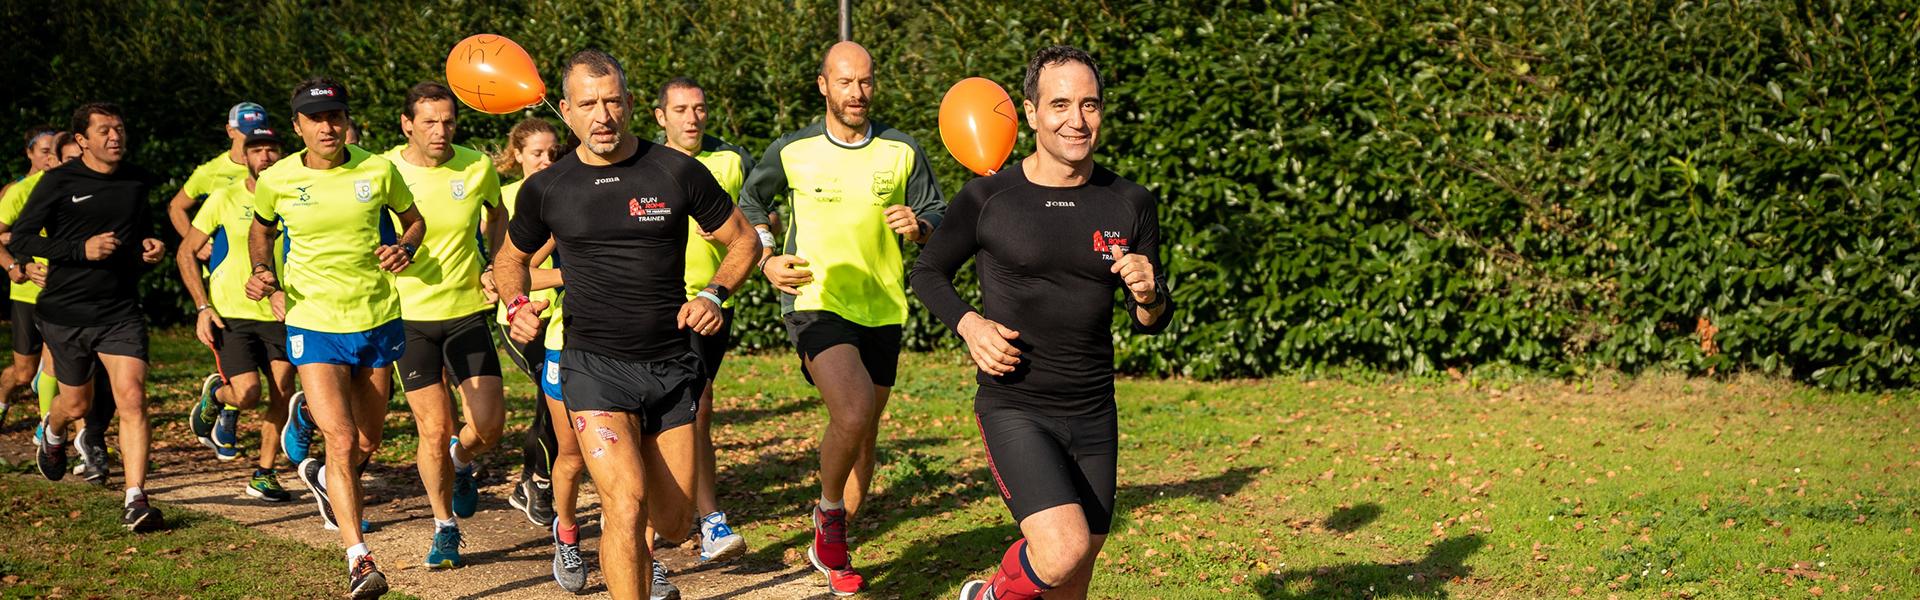 14, 19 e 21 dicembre, proseguono gli allenamenti Acea Run Rome The Marathon Get Ready